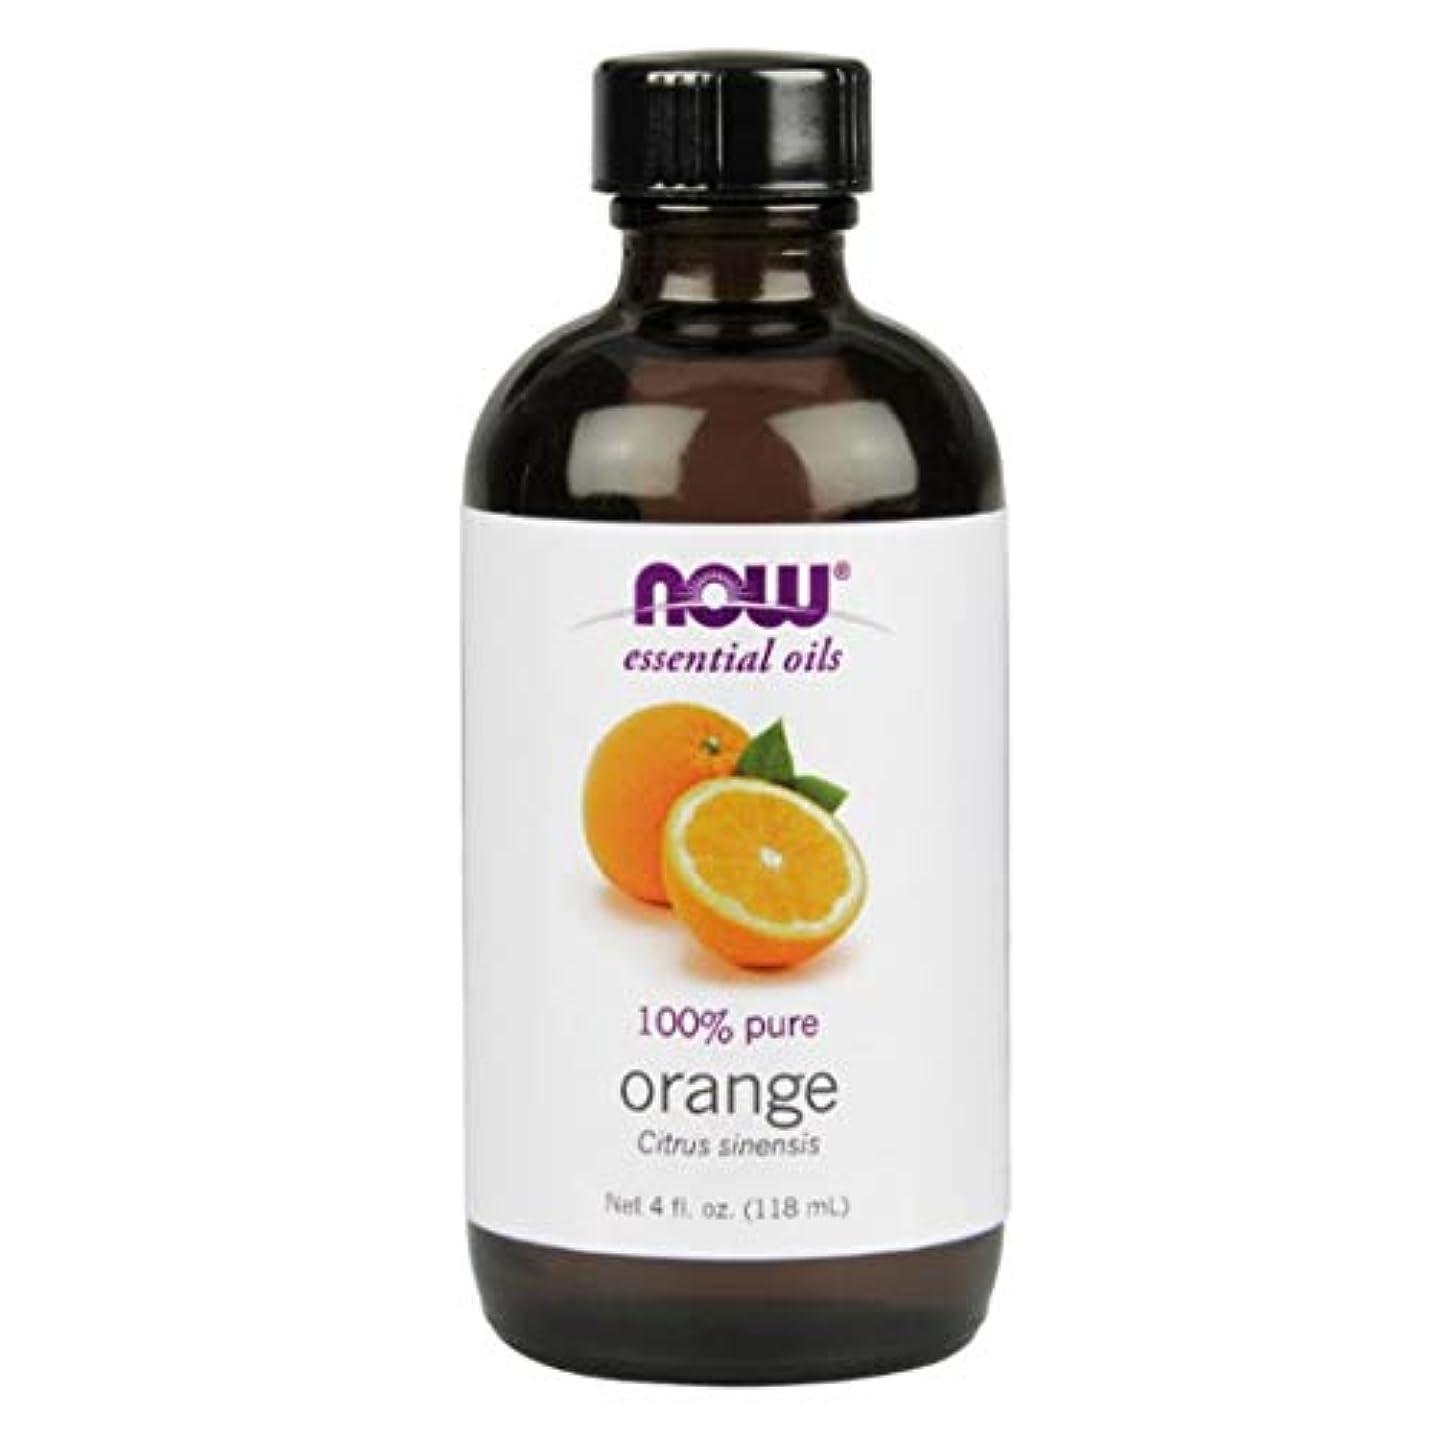 ポインタ船人質Now - Orange Oil 100% Pure 4 oz (118 ml) [並行輸入品]